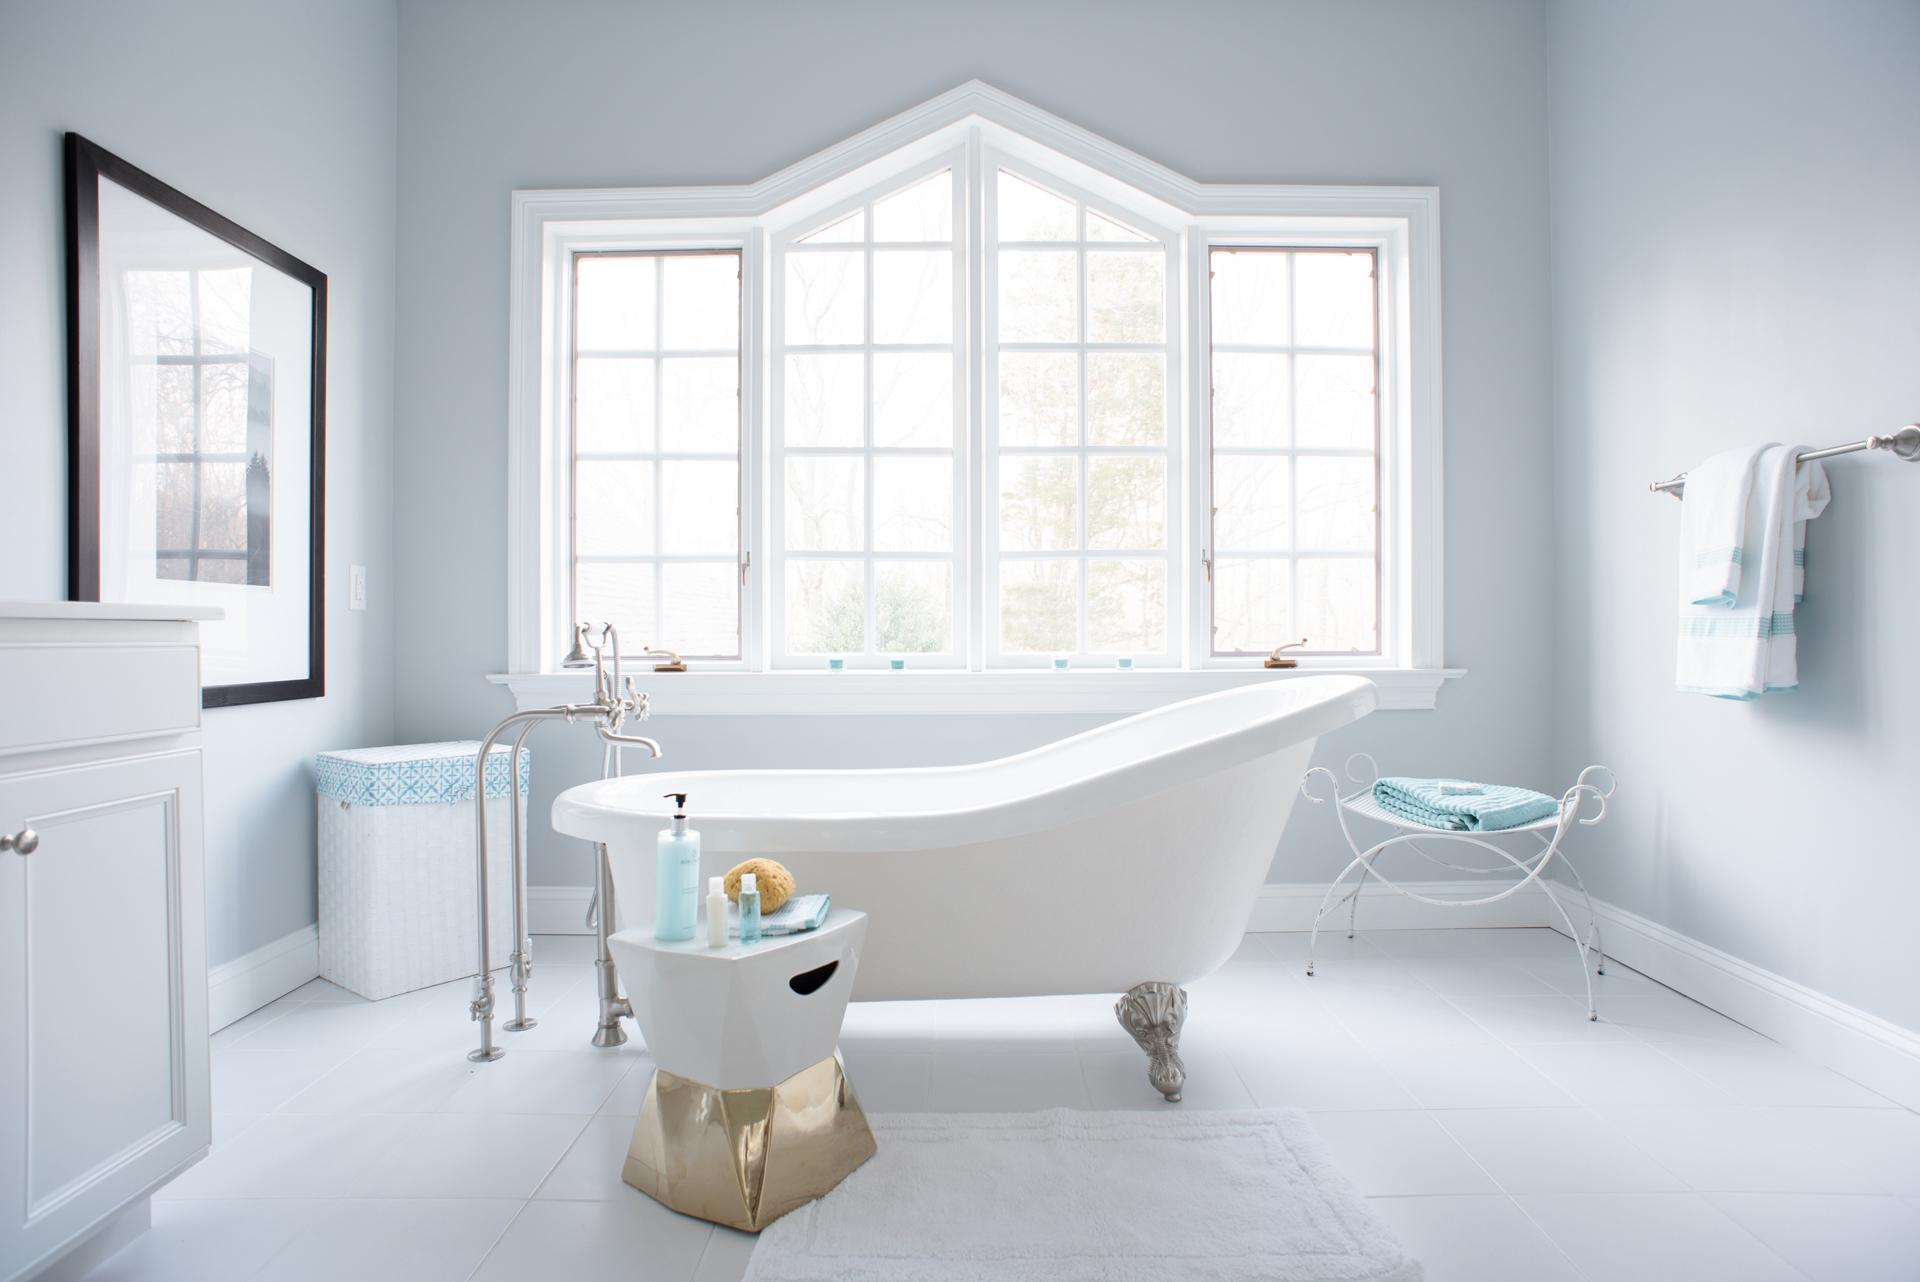 Master Bath Decor and Design